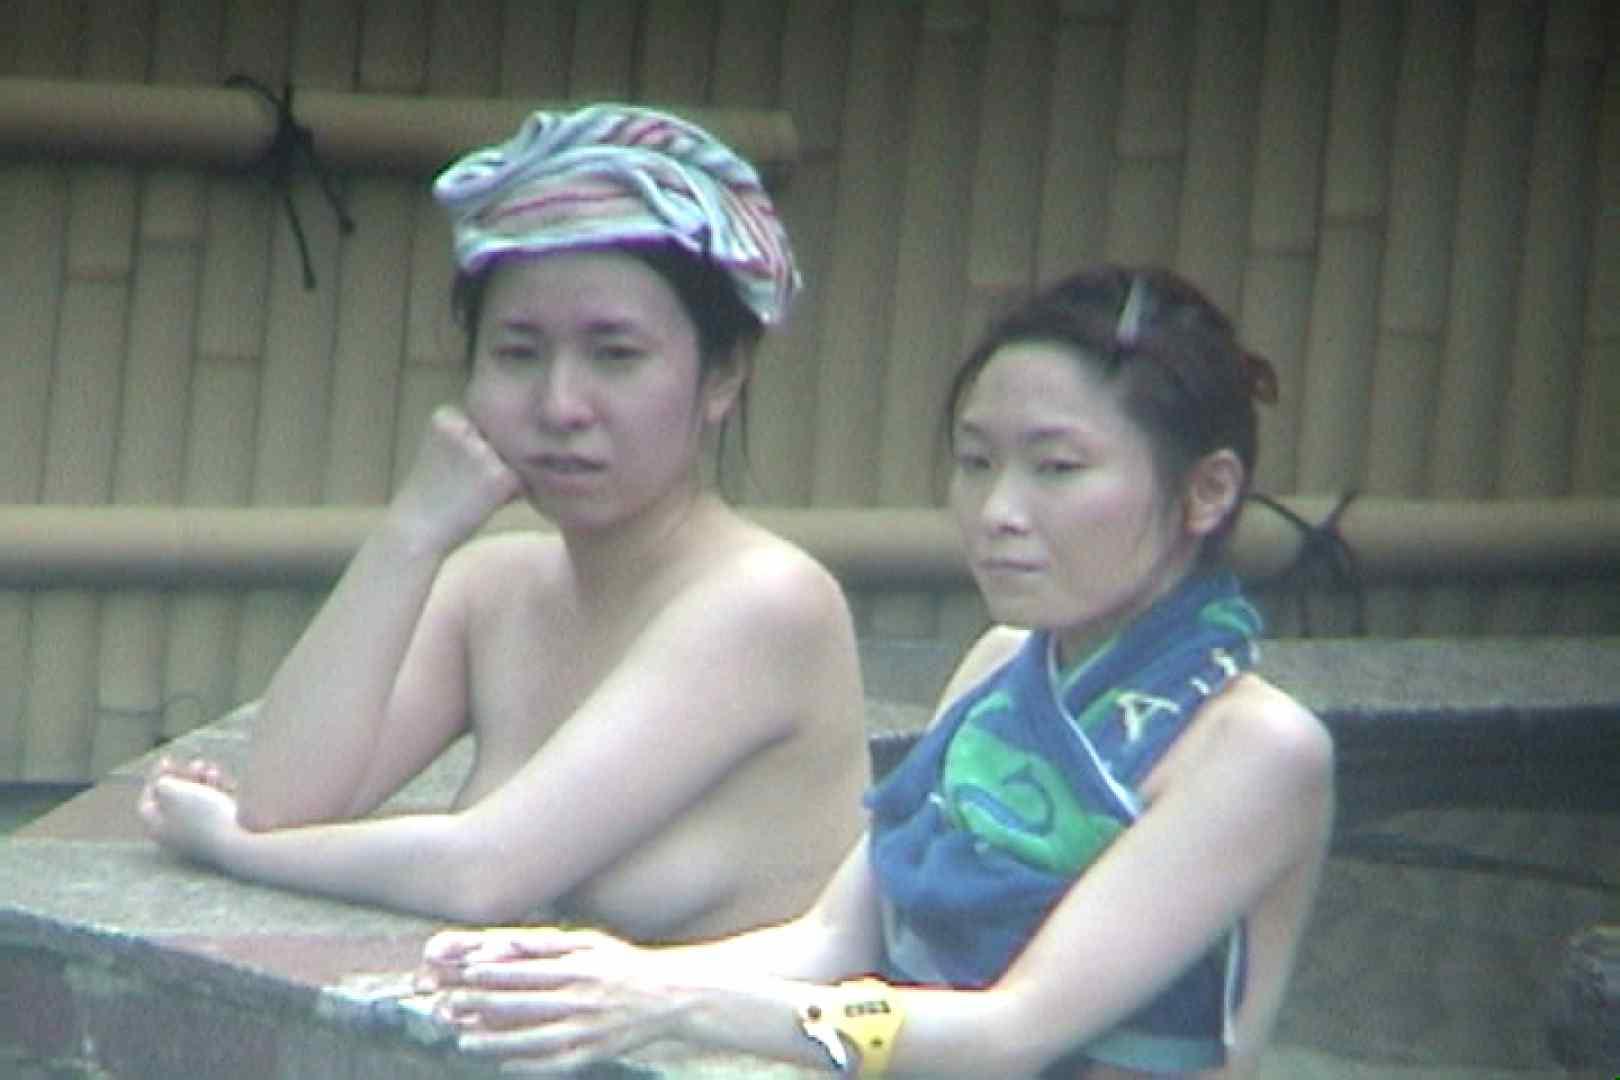 Aquaな露天風呂Vol.106 OLハメ撮り  43Pix 14